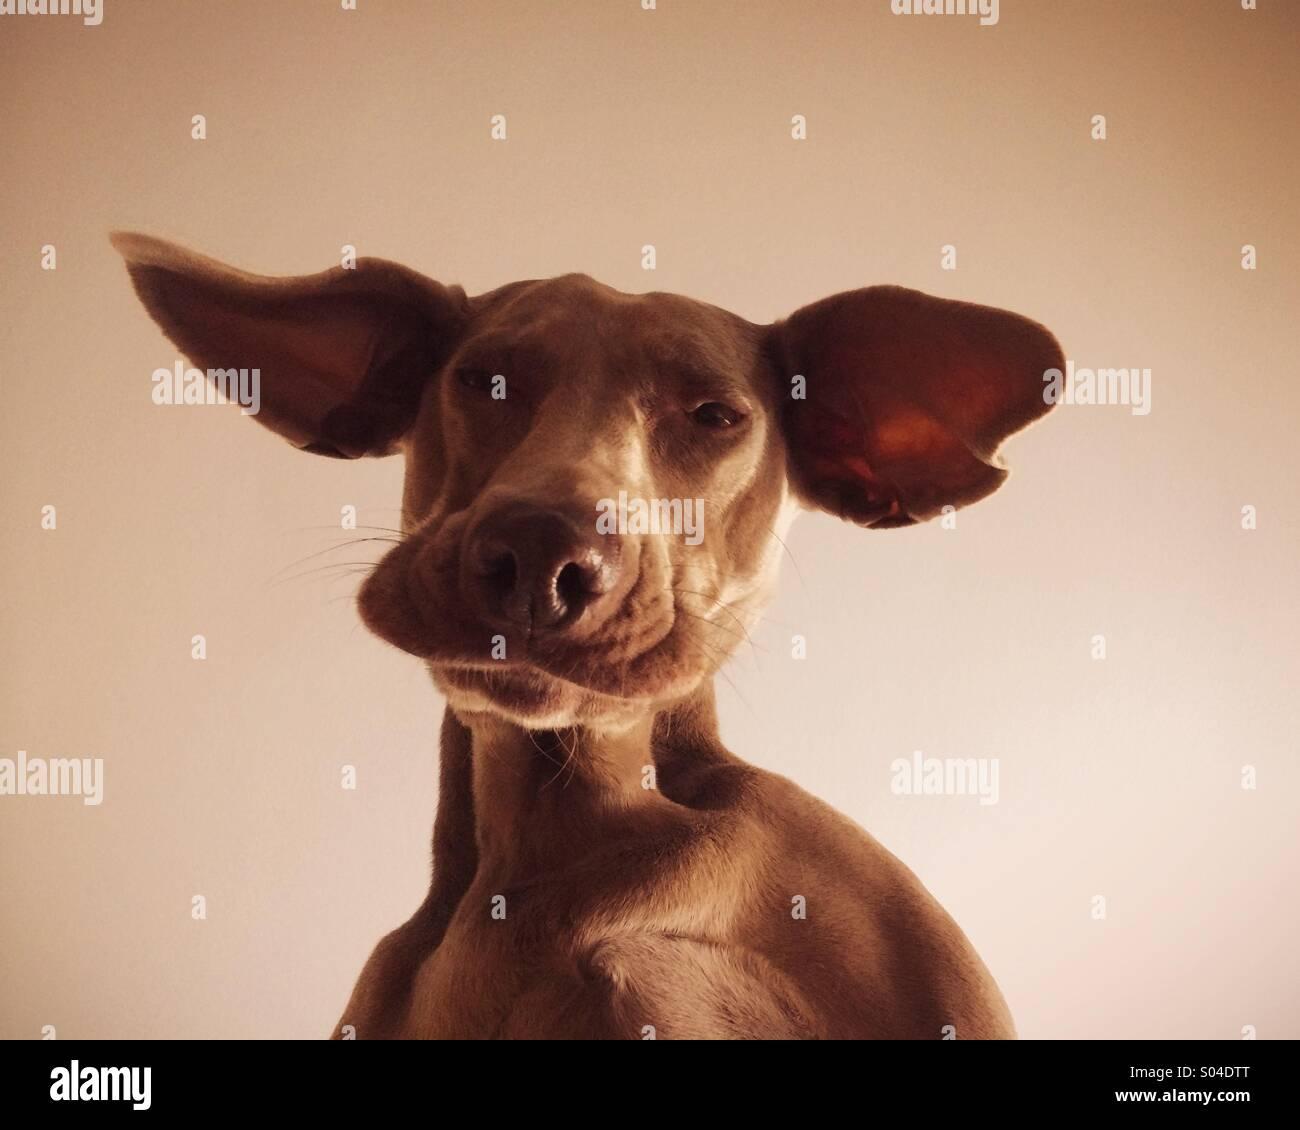 Floppy ears - Stock Image